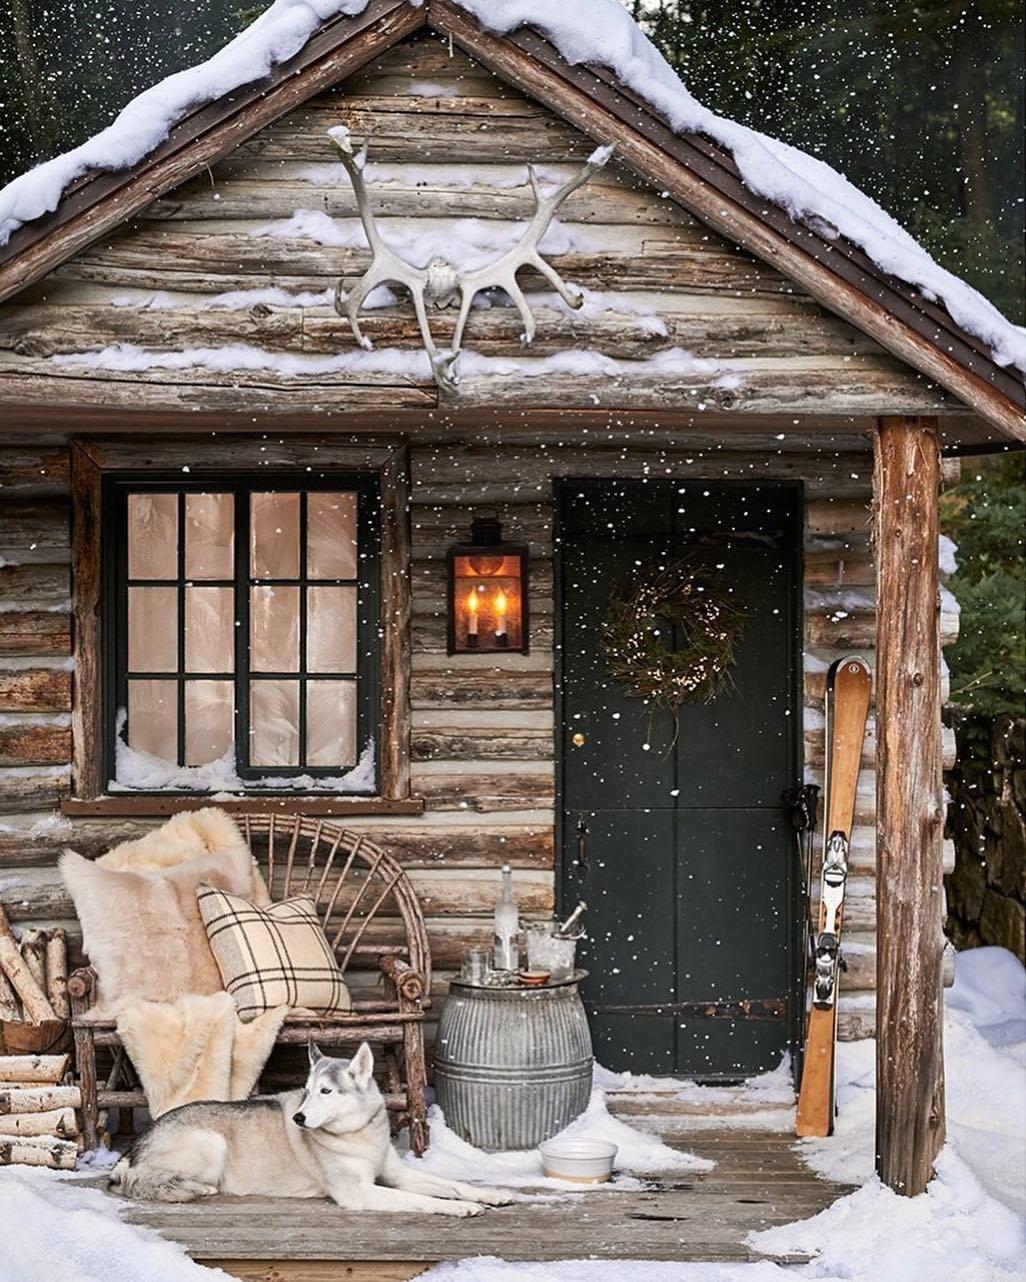 Mini Chalet En Bois by ralph lauren home | chalet bois, maison bois